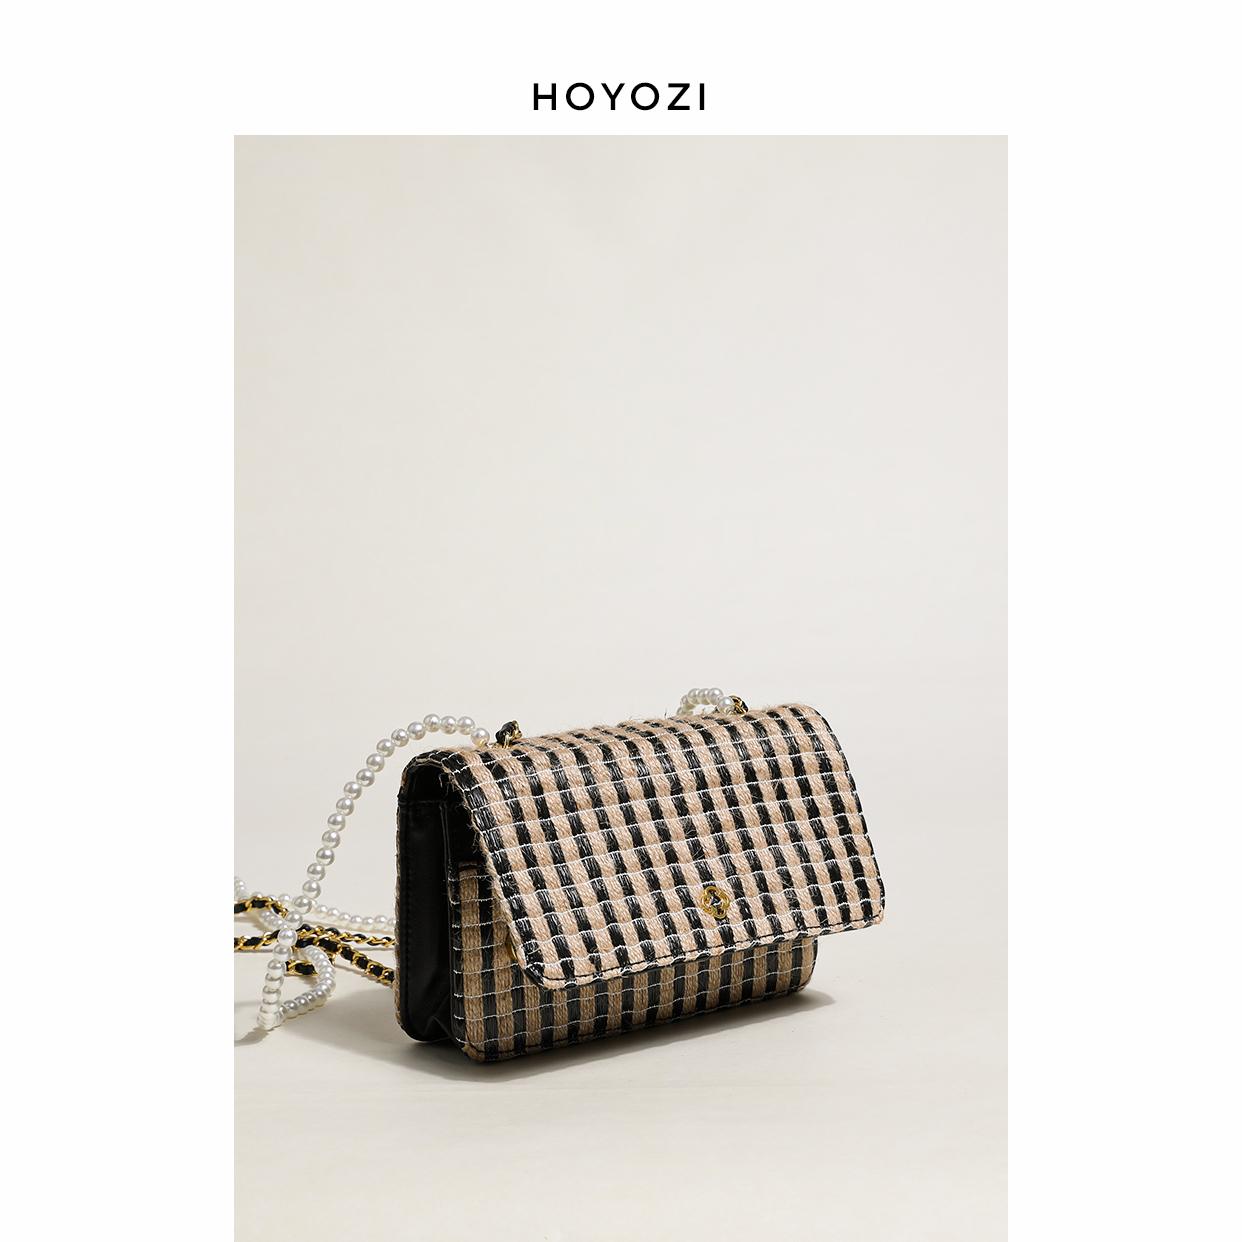 小优家包包 HOYOZI 麻料珍珠手机包包2021新款包包女夏斜淘宝优惠券